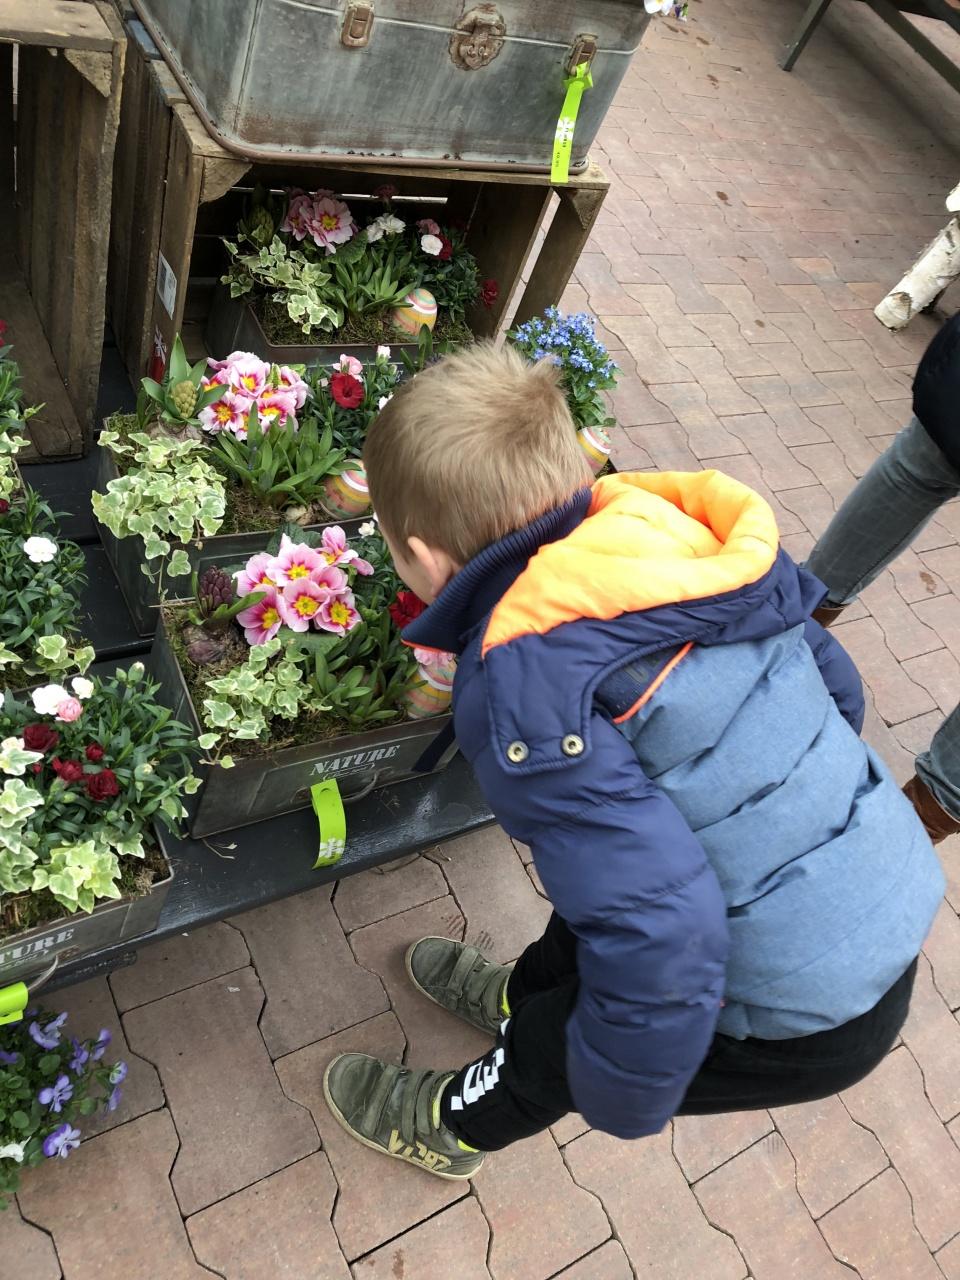 Vandaag mochten de kleuters op excursie!!In het kader van het thema bloemen en planten waren we op bezoek bij de Intratuin (want tja... bloemen koop je niet alleen maar bij de Vomar 🤣)Na een korte uitleg, wat beantwoordde vragen en een rondje in de trein kregen we nog wat lekkers.Dank Intratuin Hoorn!!! Het was leuk en leerzaam!En dank zeker aan alle papa's, mama's, opa's en oma's die dit mogelijk maken door ons te rijden en begeleiden 👍🏻👍🏻